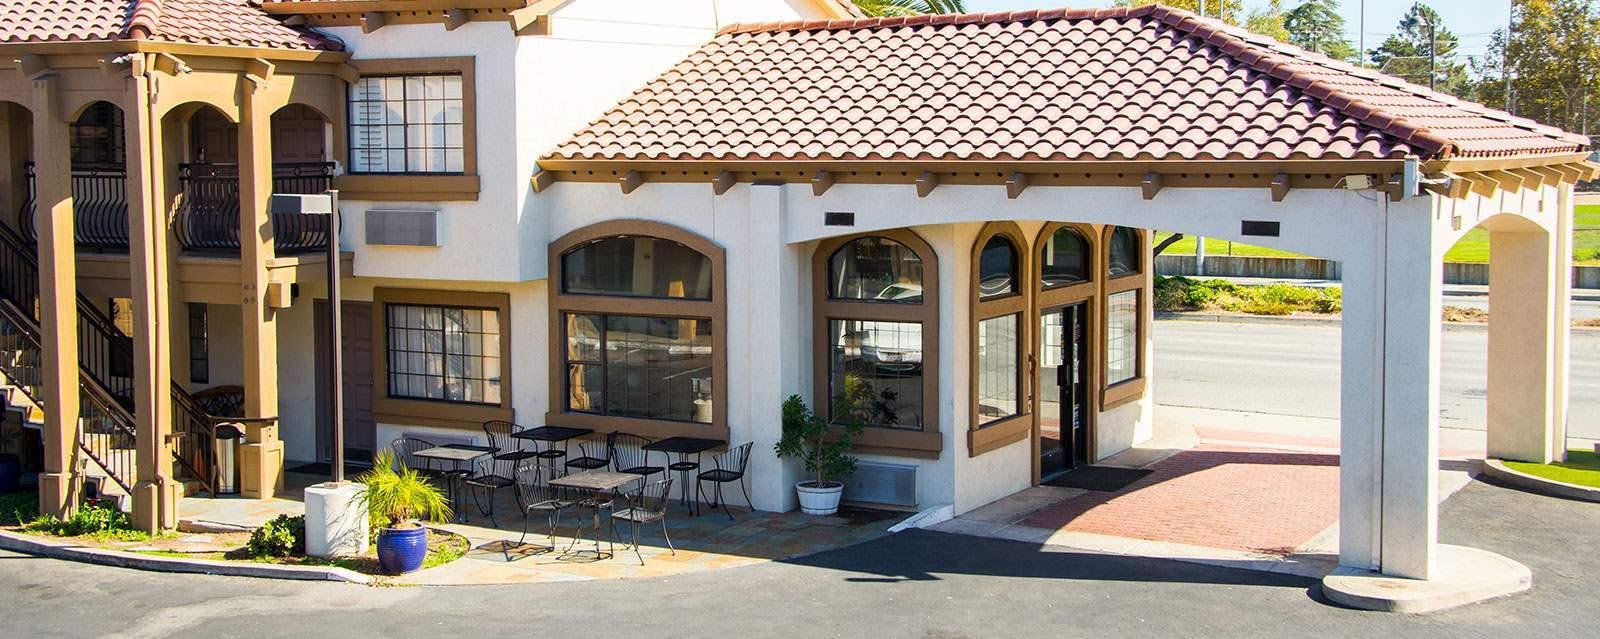 SureStay Plus Santa Clara Silicon Valley